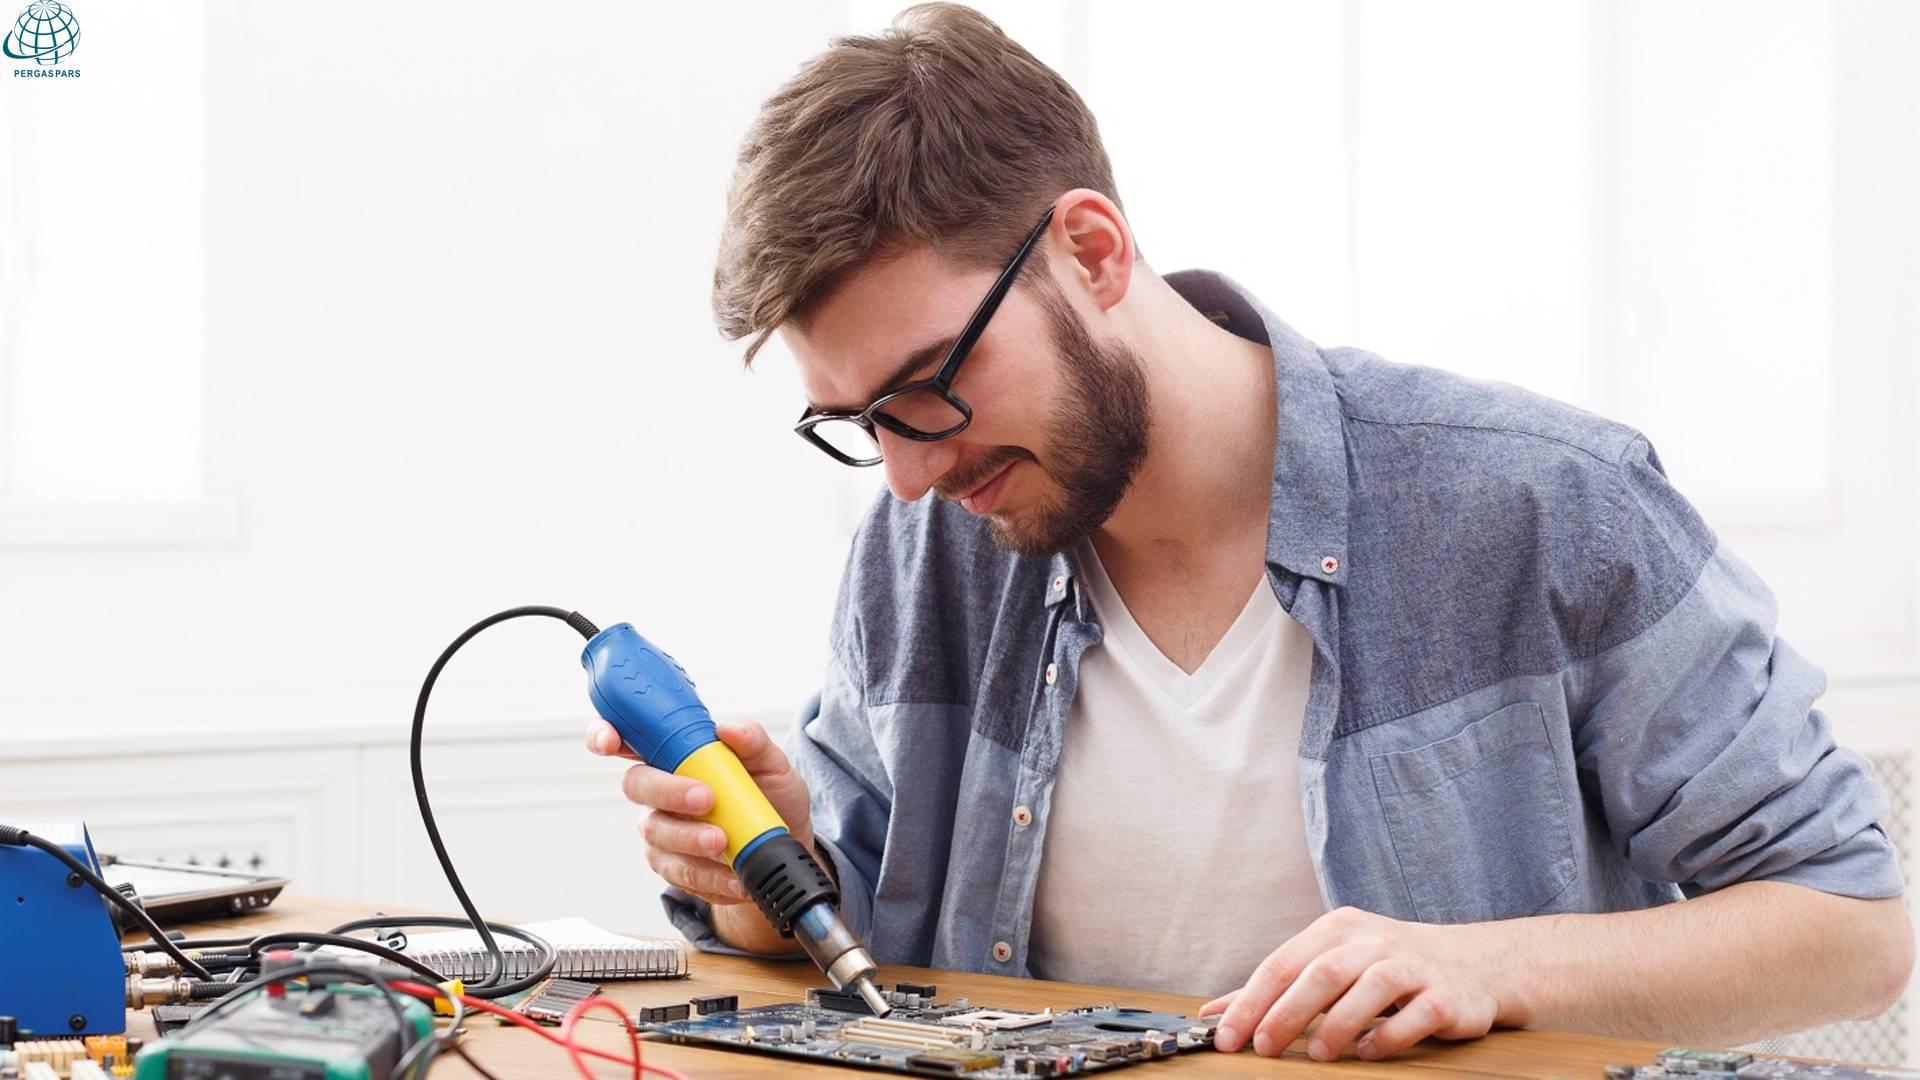 کاریابی مهندسان برق در سوئد